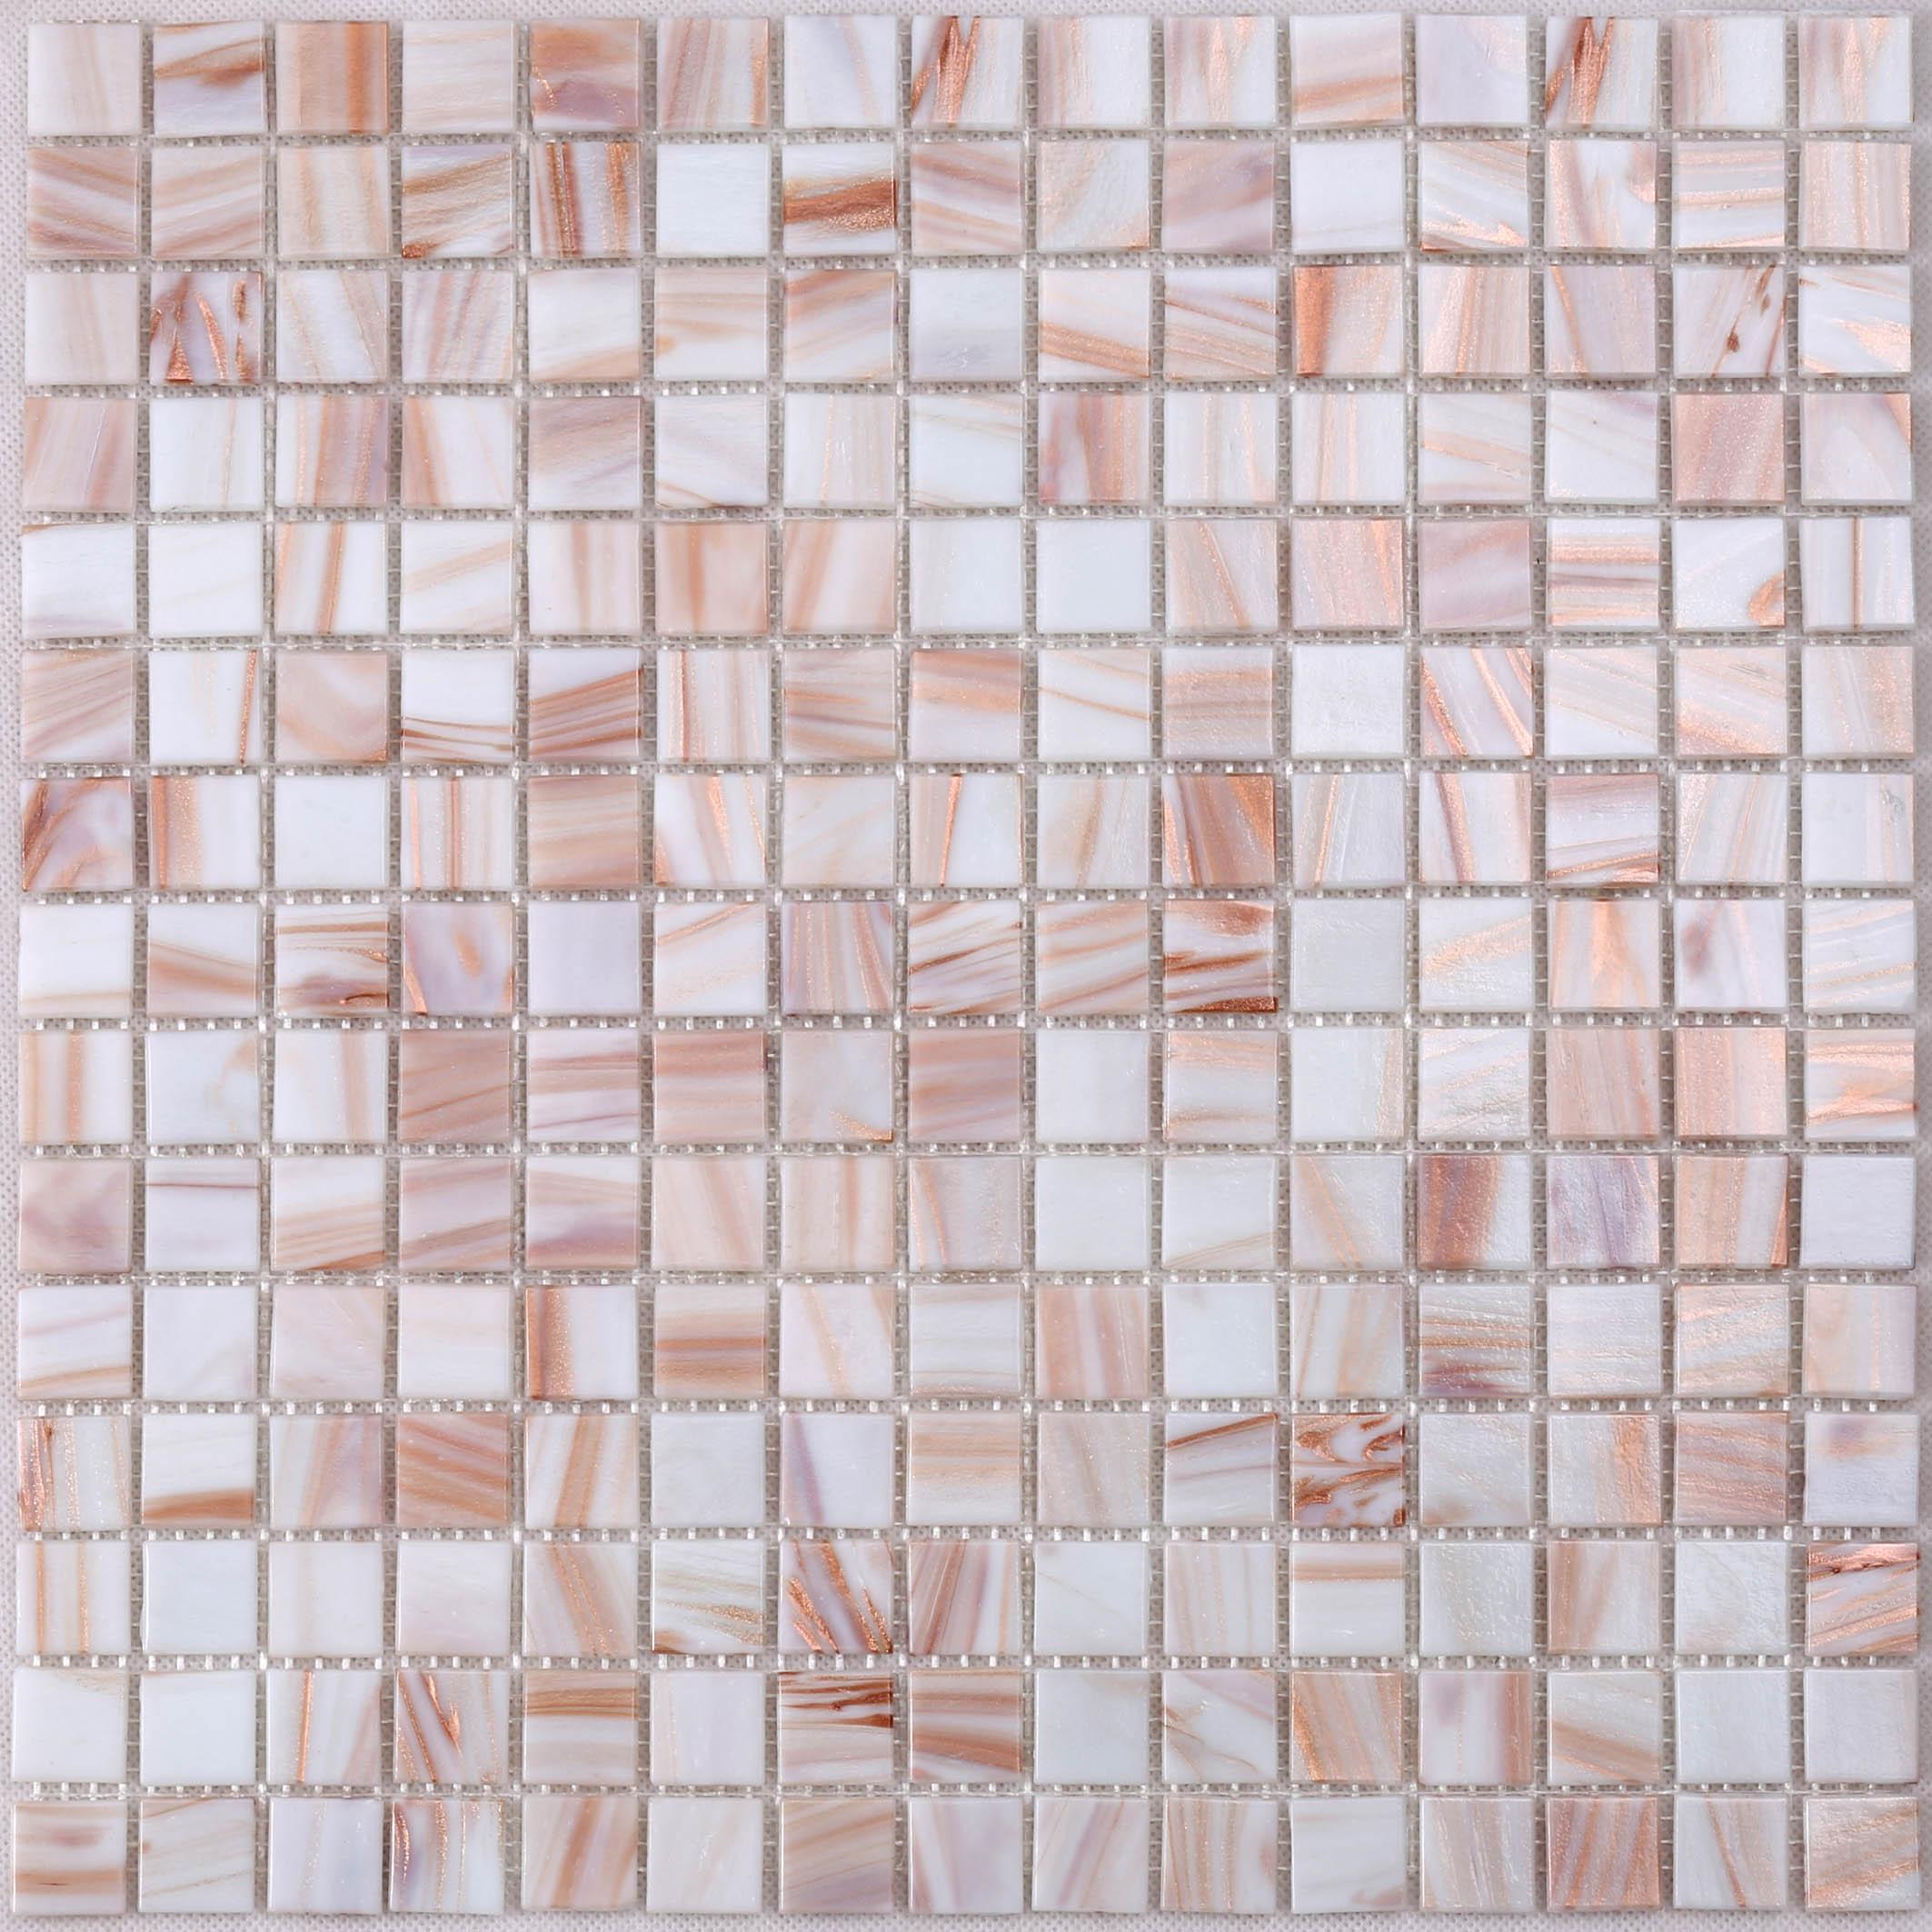 Heng Xing-Bulk Pool Tile Manufacturer, Black Pool Tiles | Heng Xing-1